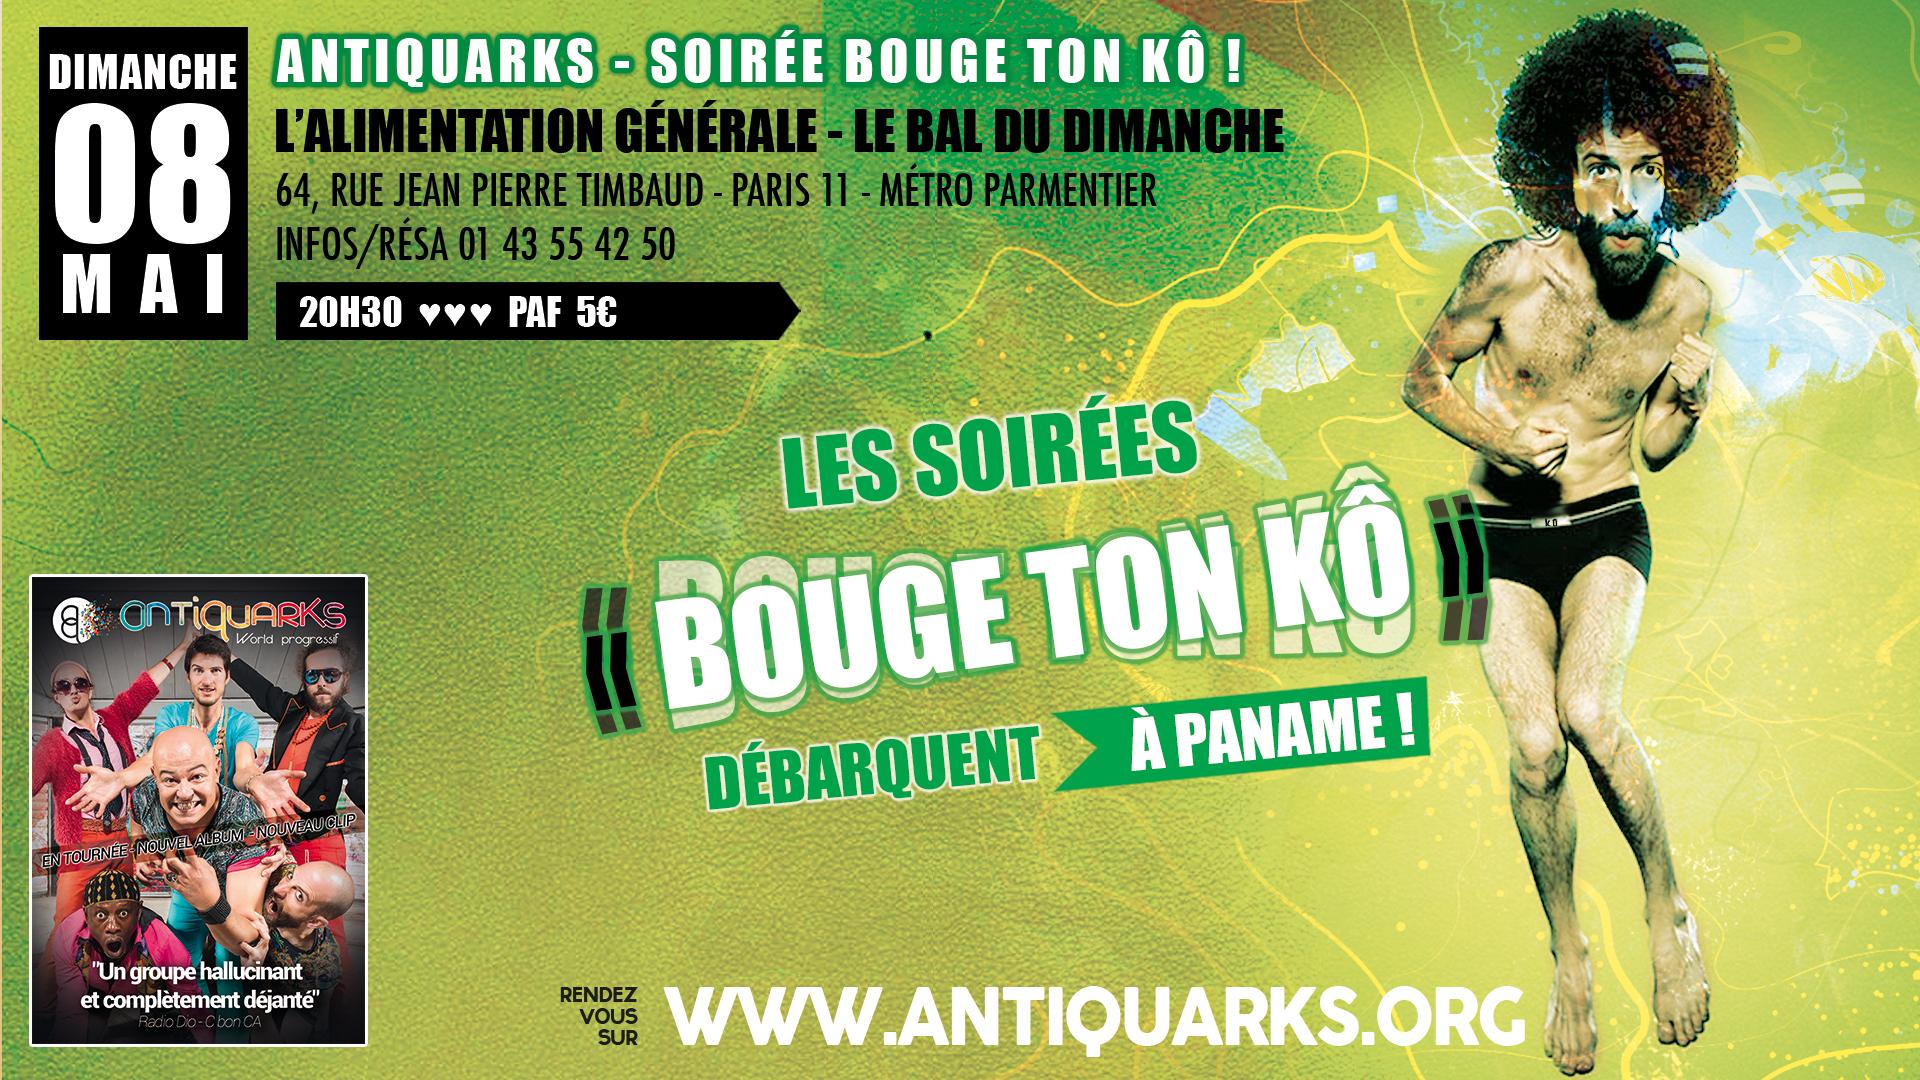 SOIRÉE BOUGE TON KÔ / ANTIQUARKS KÔ TOUR @ L'Alimentation Générale | Paris | Île-de-France | France